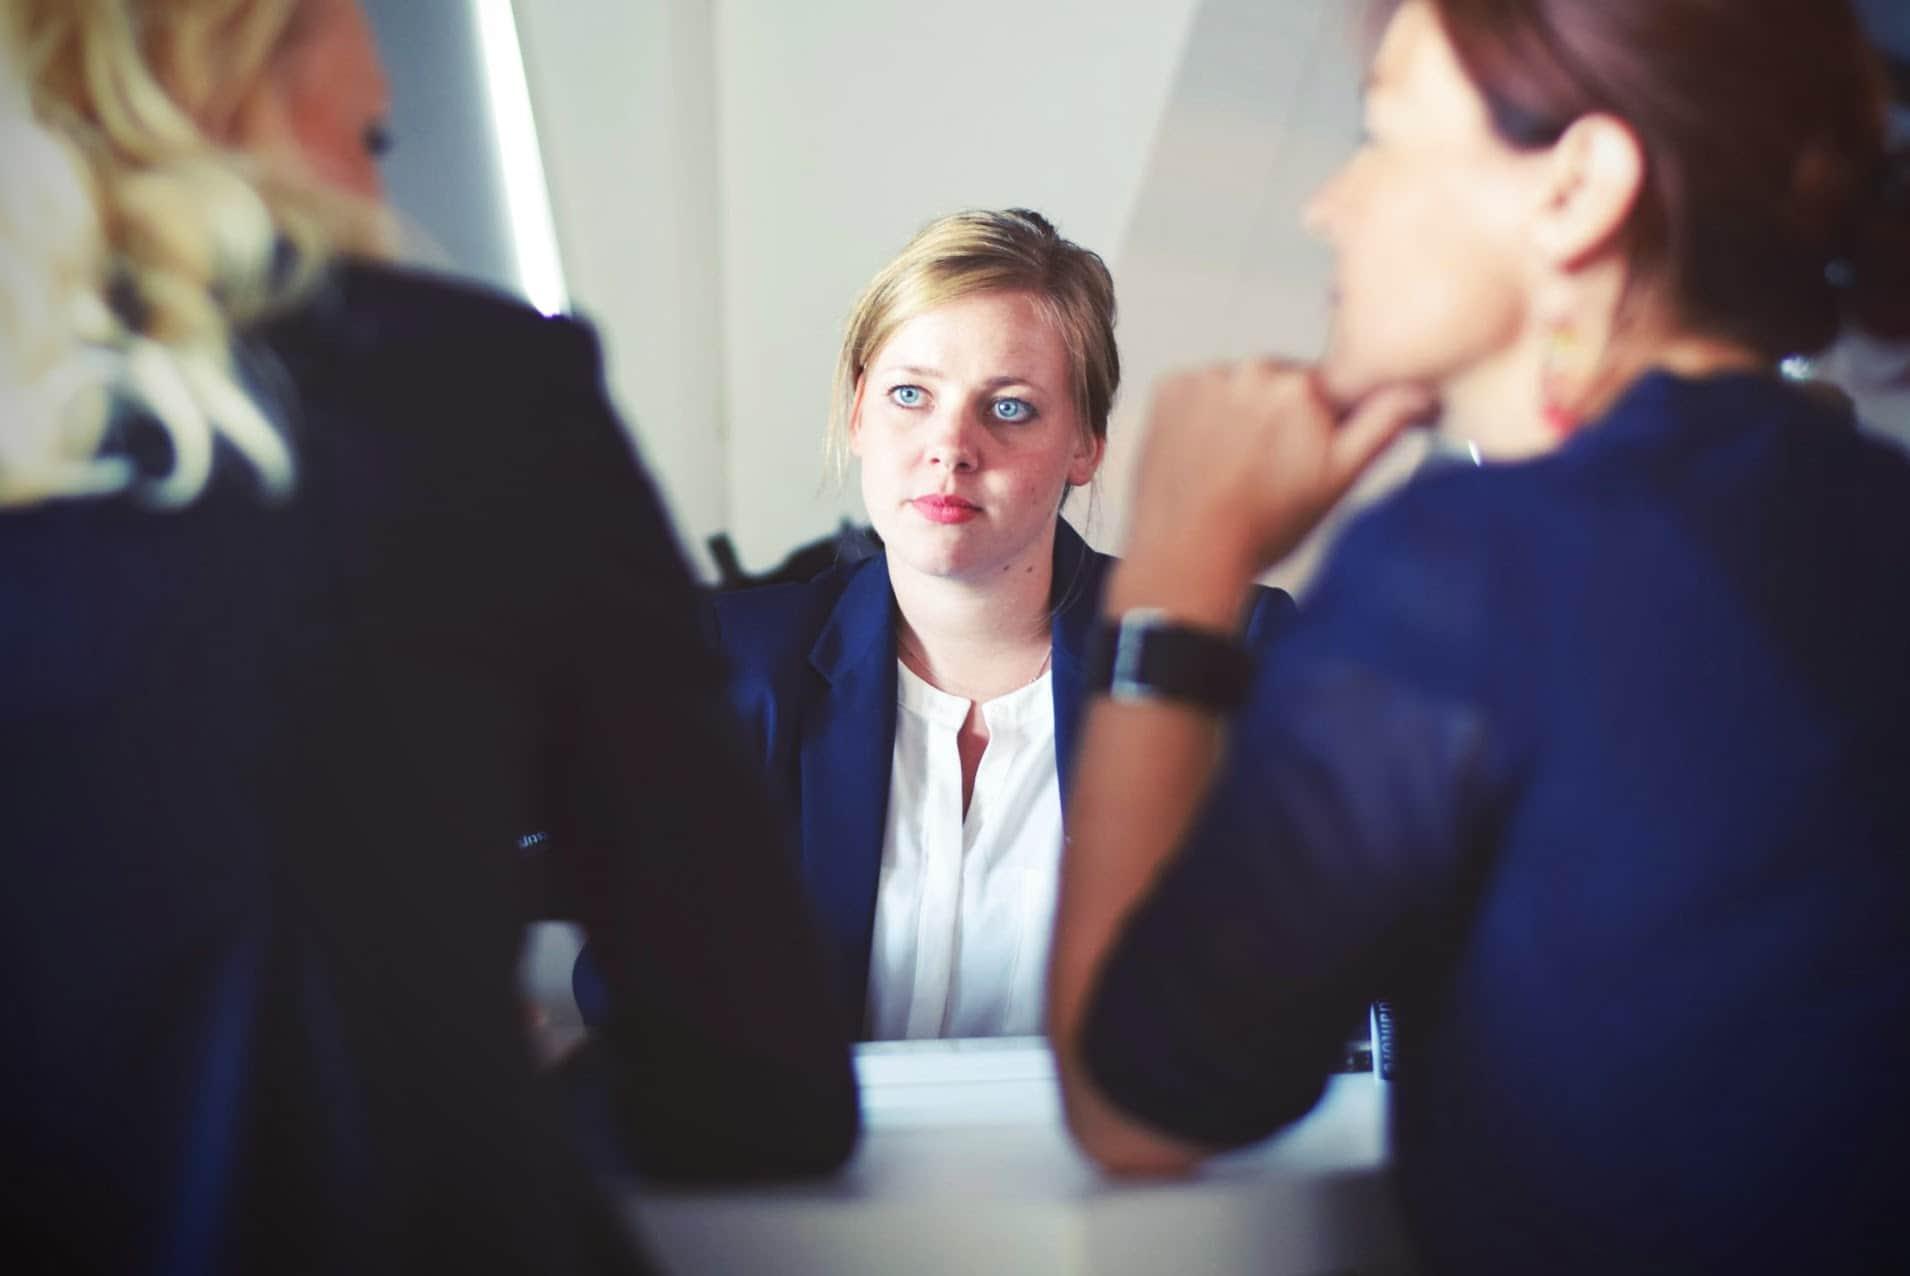 Bewerbungscoach: Bewerbungen schreiben, die Personaler lieben